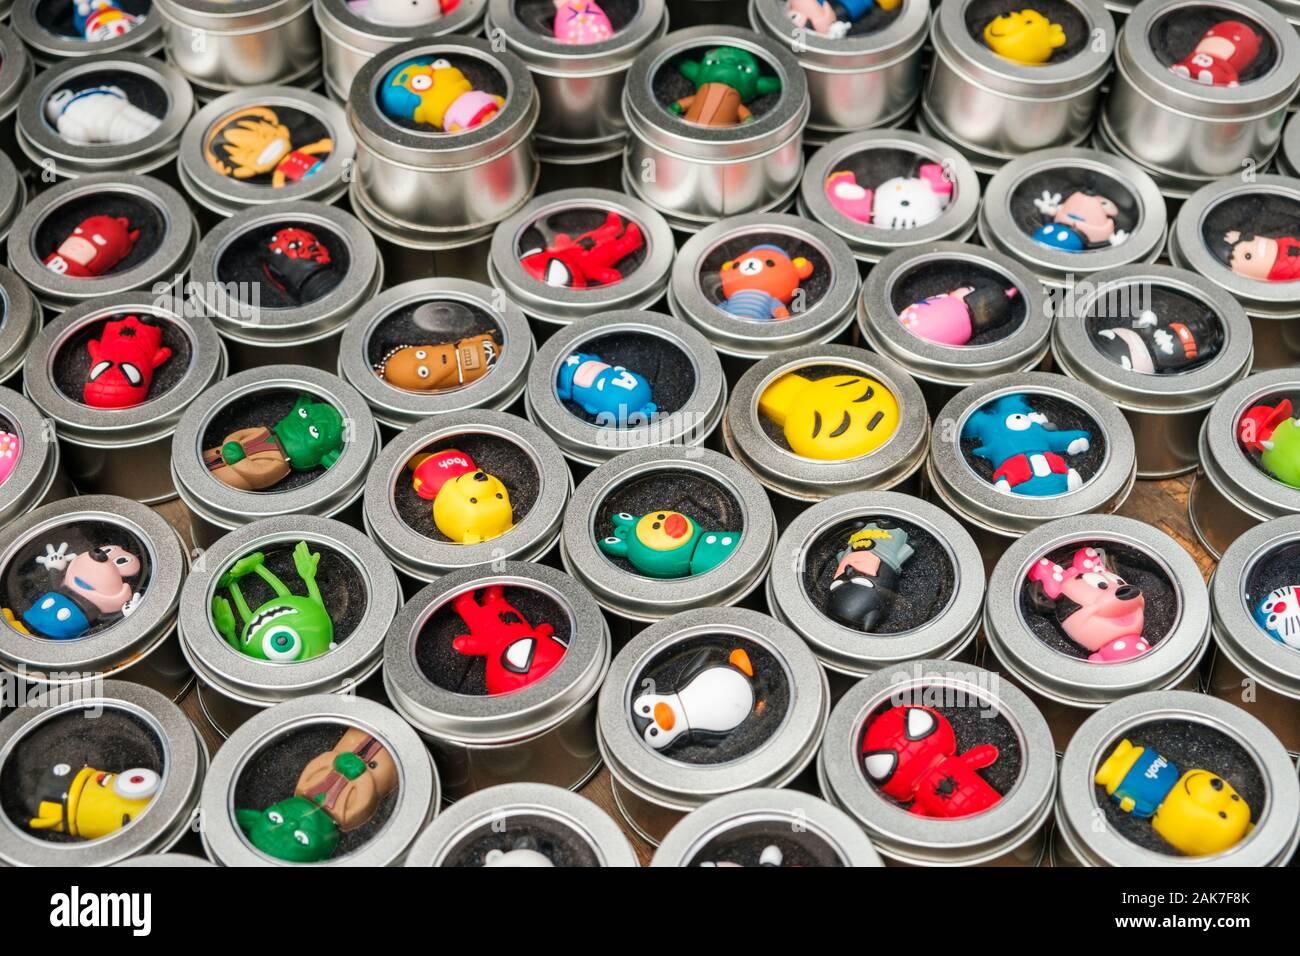 Hong Kong, Chine - Novembre 2019: clé usb avec toy / cartoon / personnages de bande dessinée sur la rue du marché (Ladie's Market) à Hong Kong , Tung Choi Street Banque D'Images